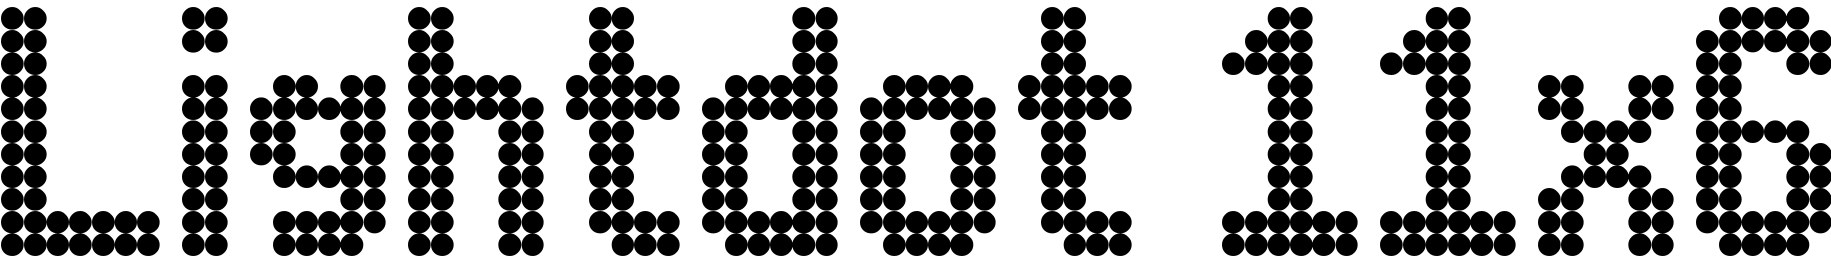 Lightdot 11x6